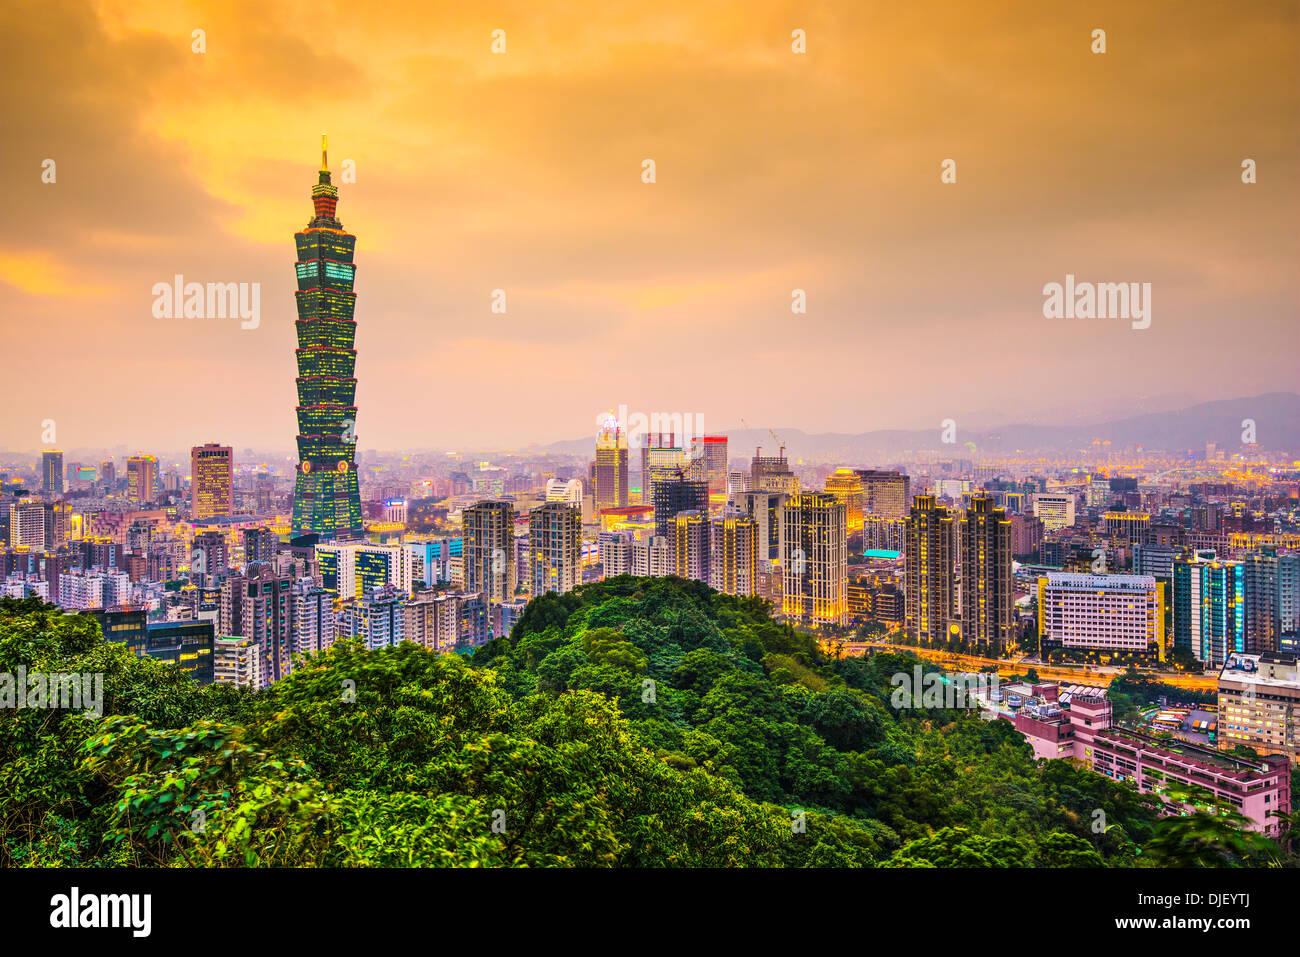 Moderni edifici per uffici a Taipei, Taiwan al crepuscolo. Immagini Stock